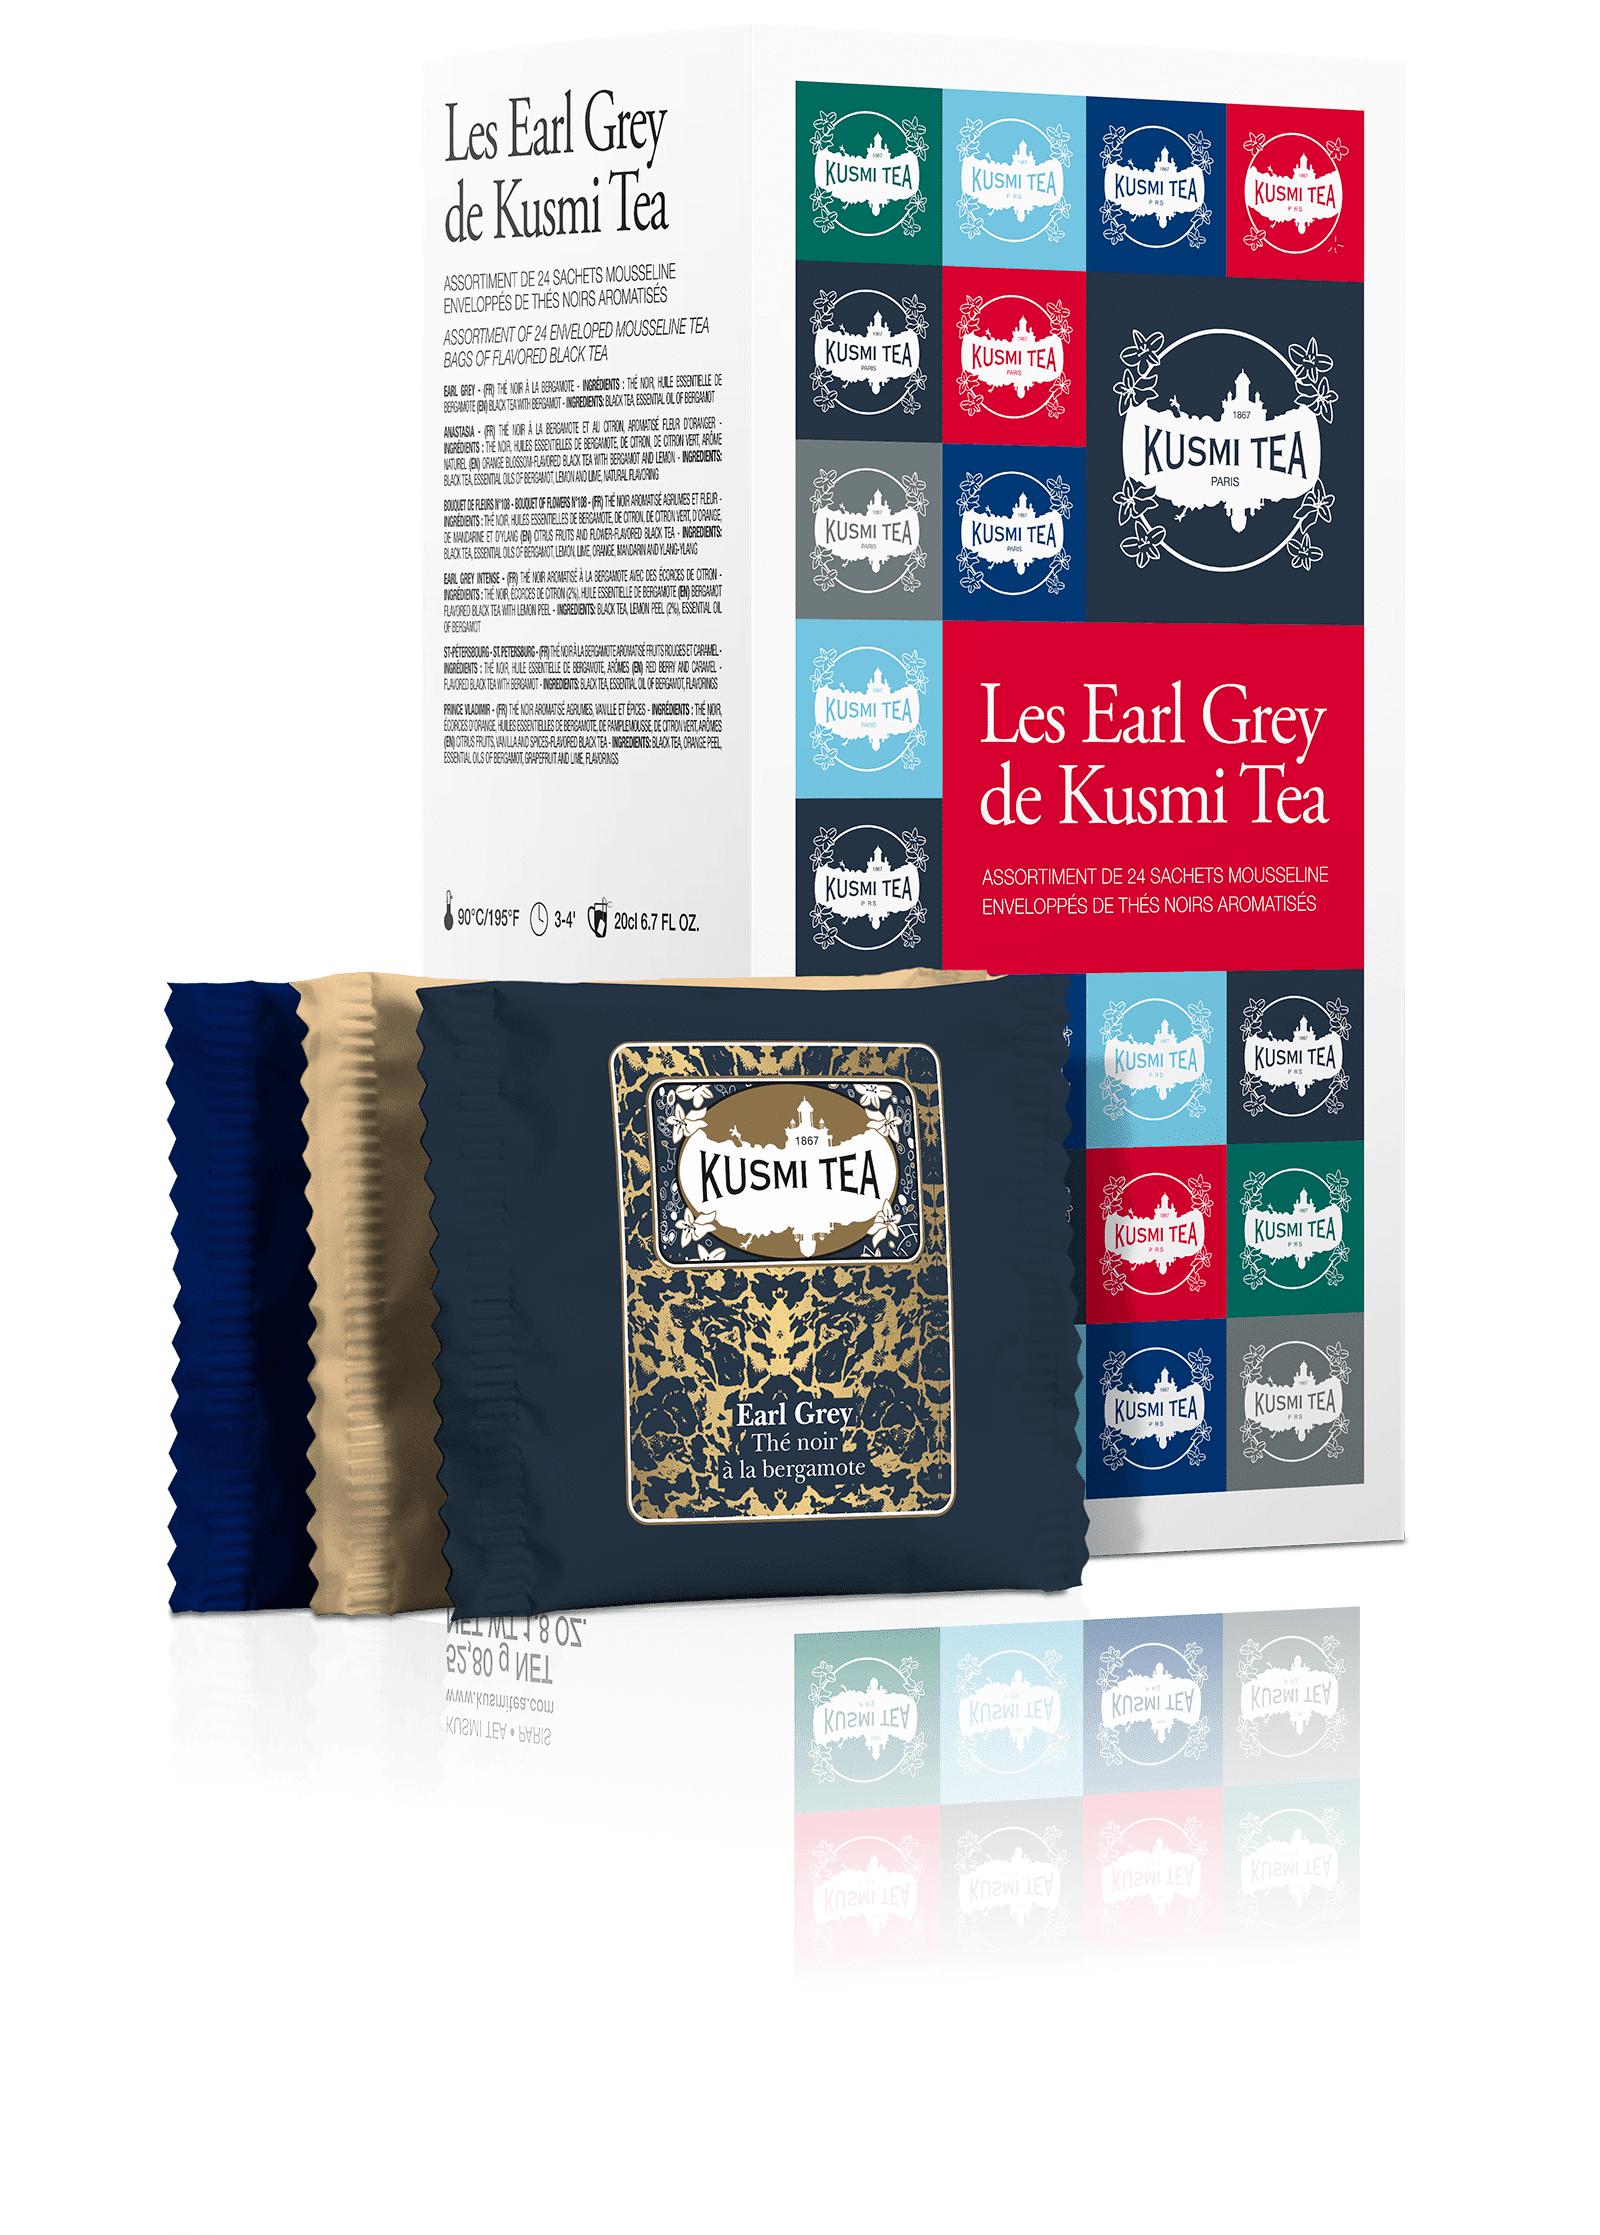 KUSMI TEA Coffret de thés Les Earl Grey  Thé noir  Kusmi Tea